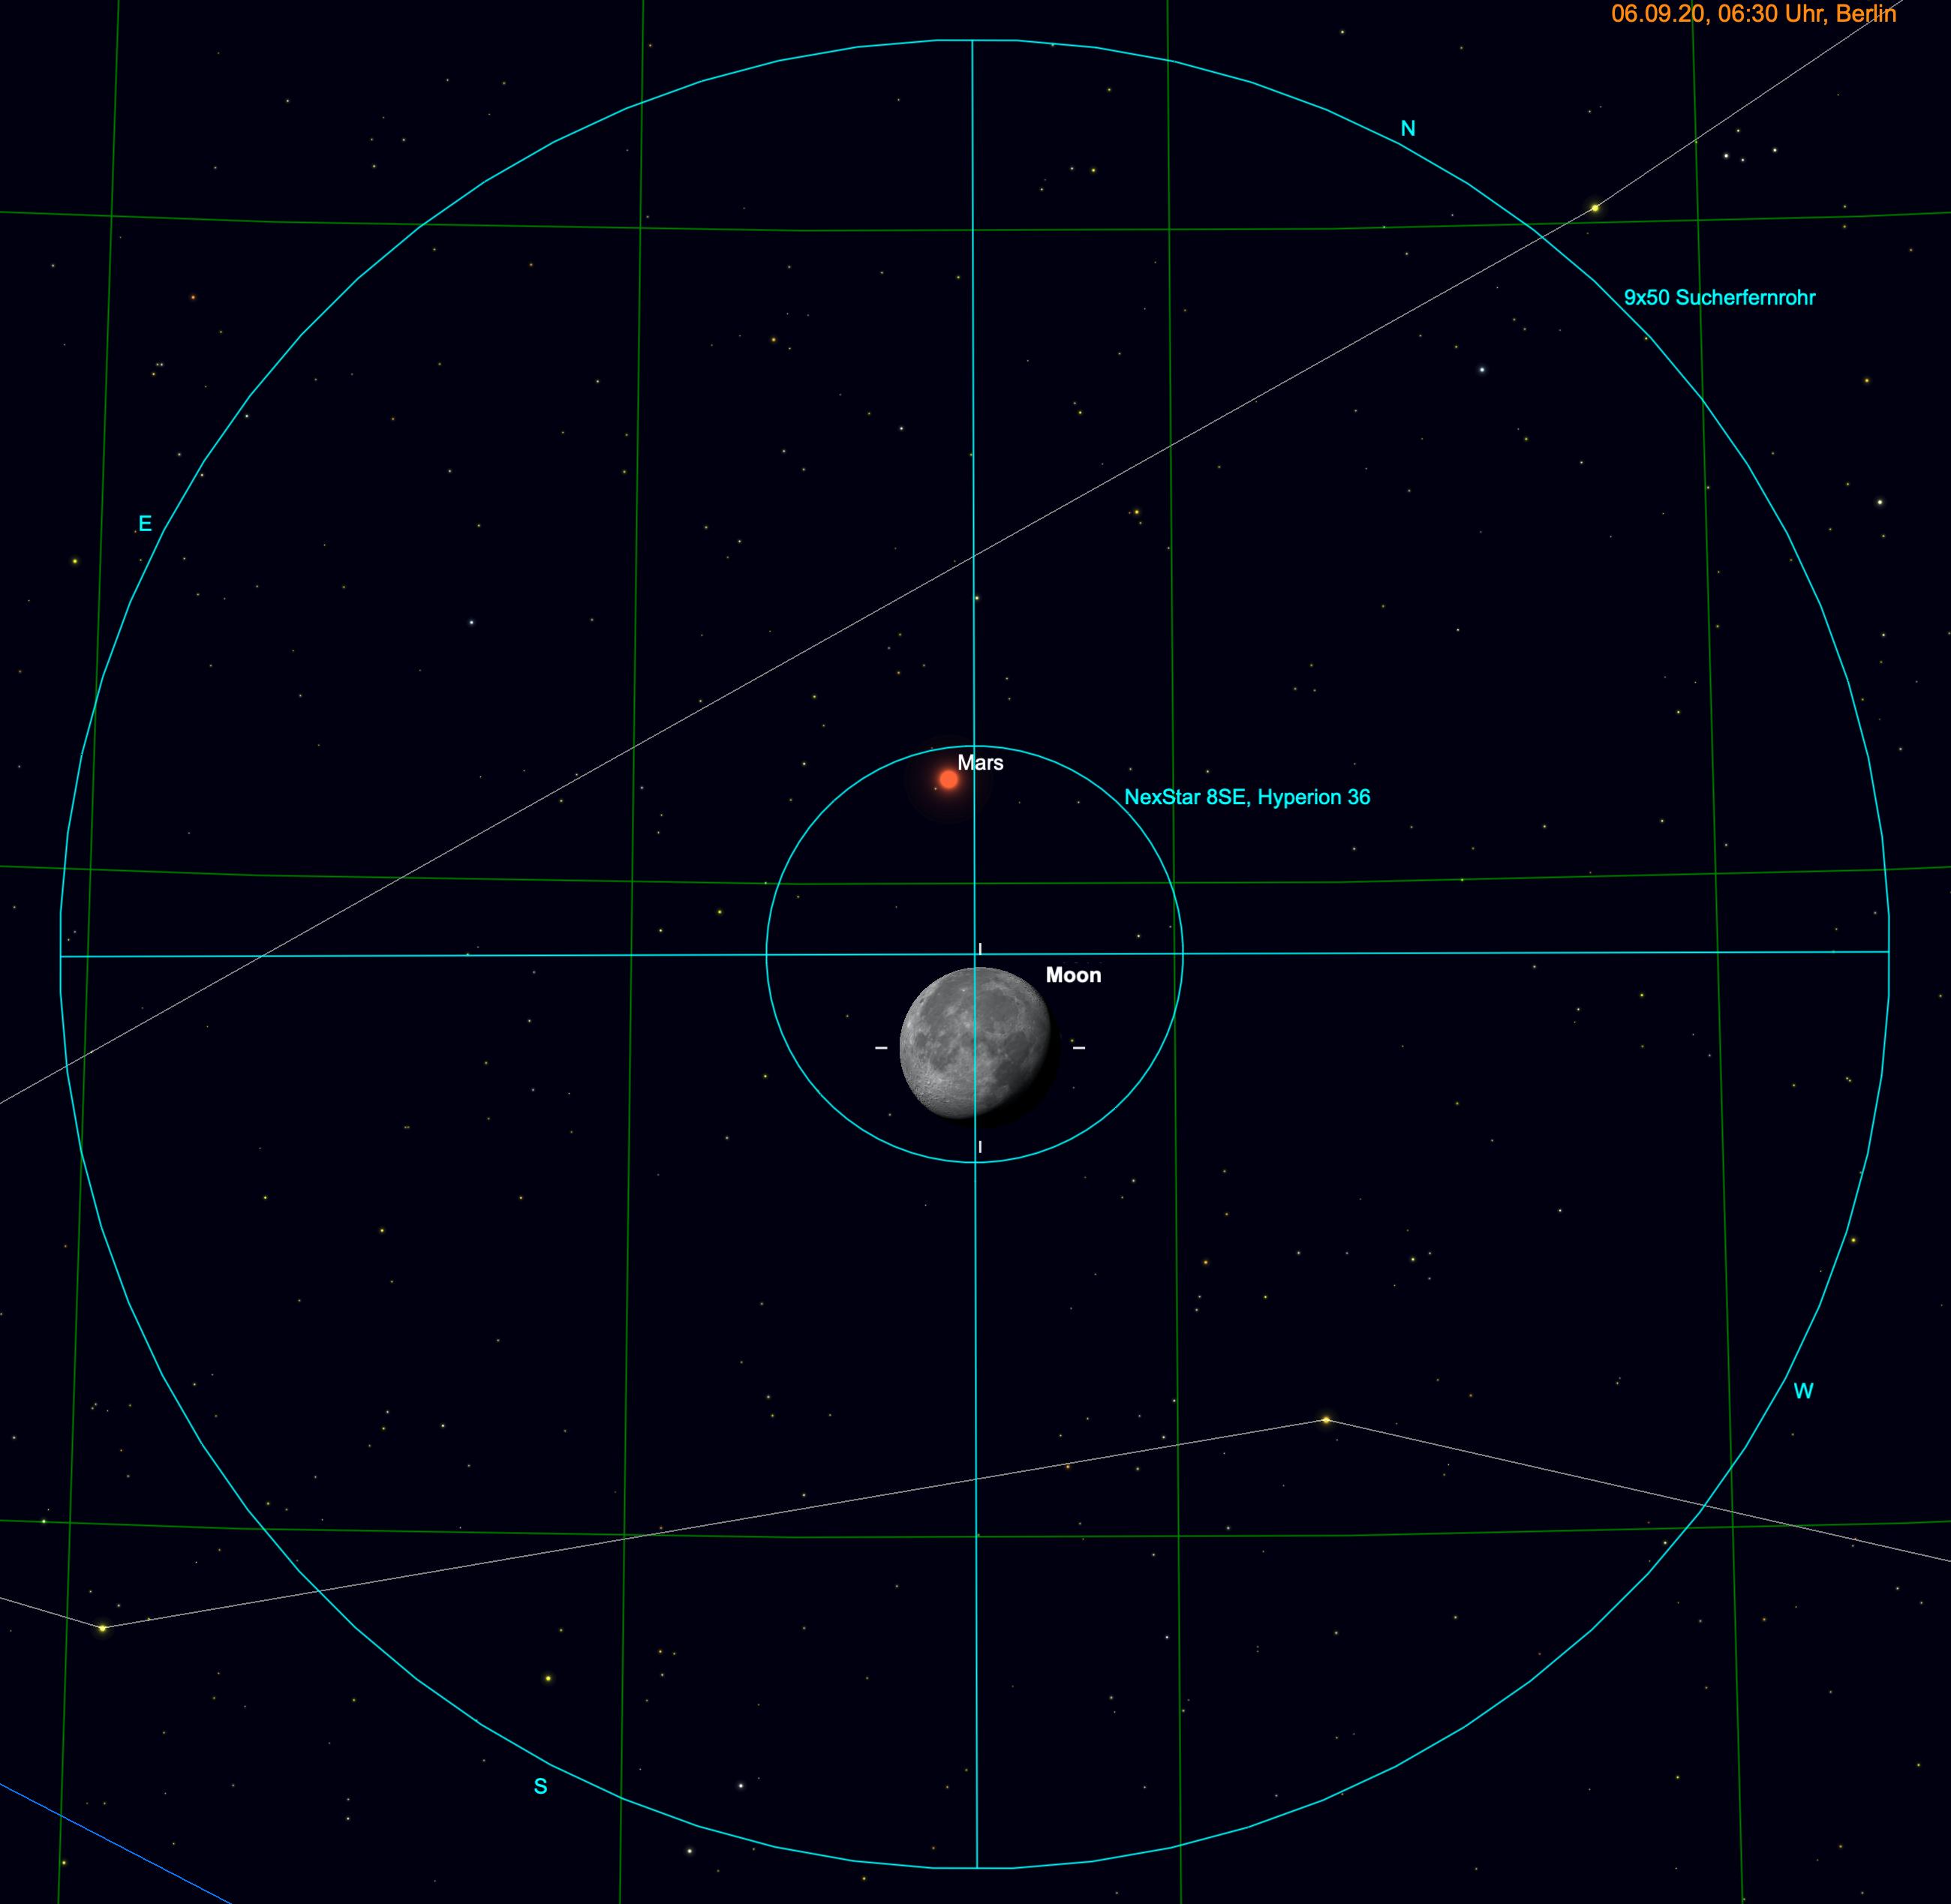 Mond und Mars im Fernglas und Teleskop.